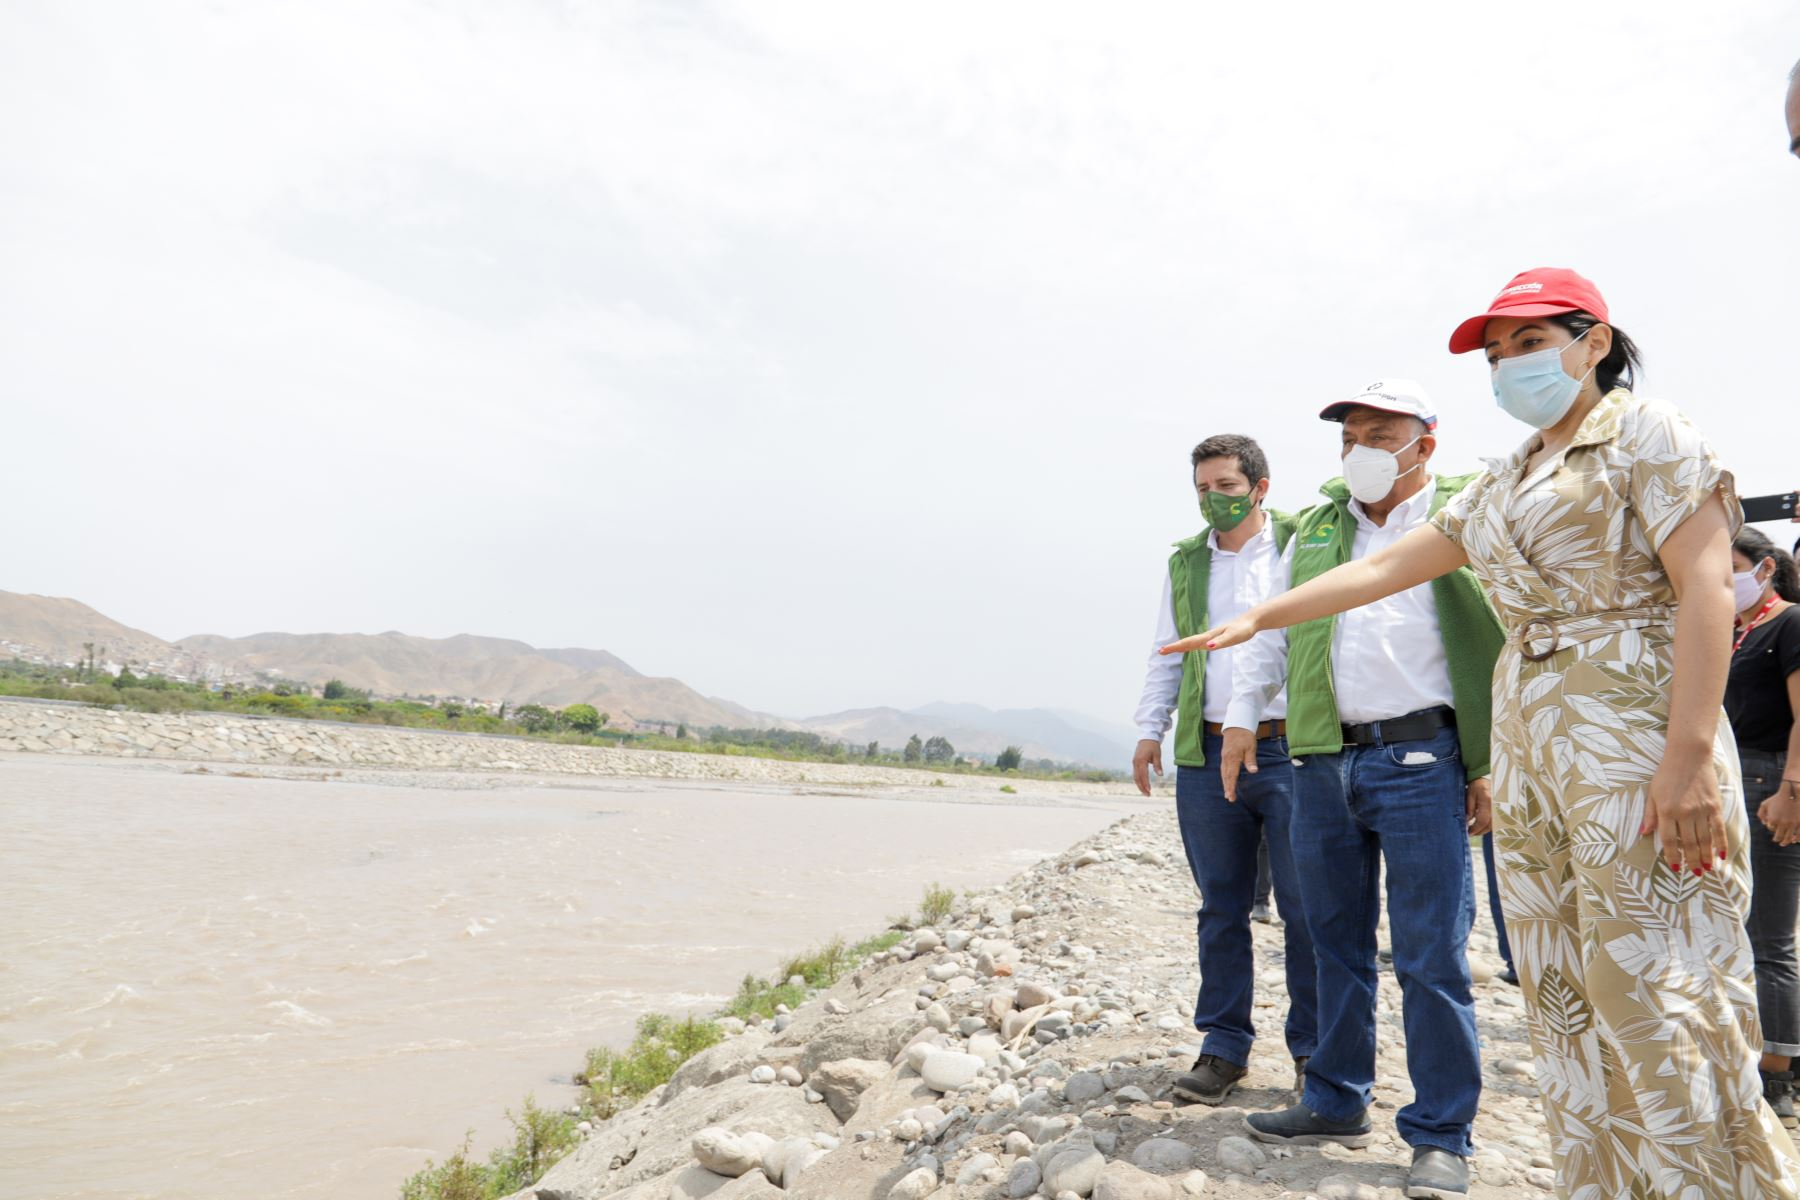 La Autoridad para la Reconstrucción con Cambios inaugura la rehabilitación de las defensas ribereñas del río Mala. Foto: ARCC